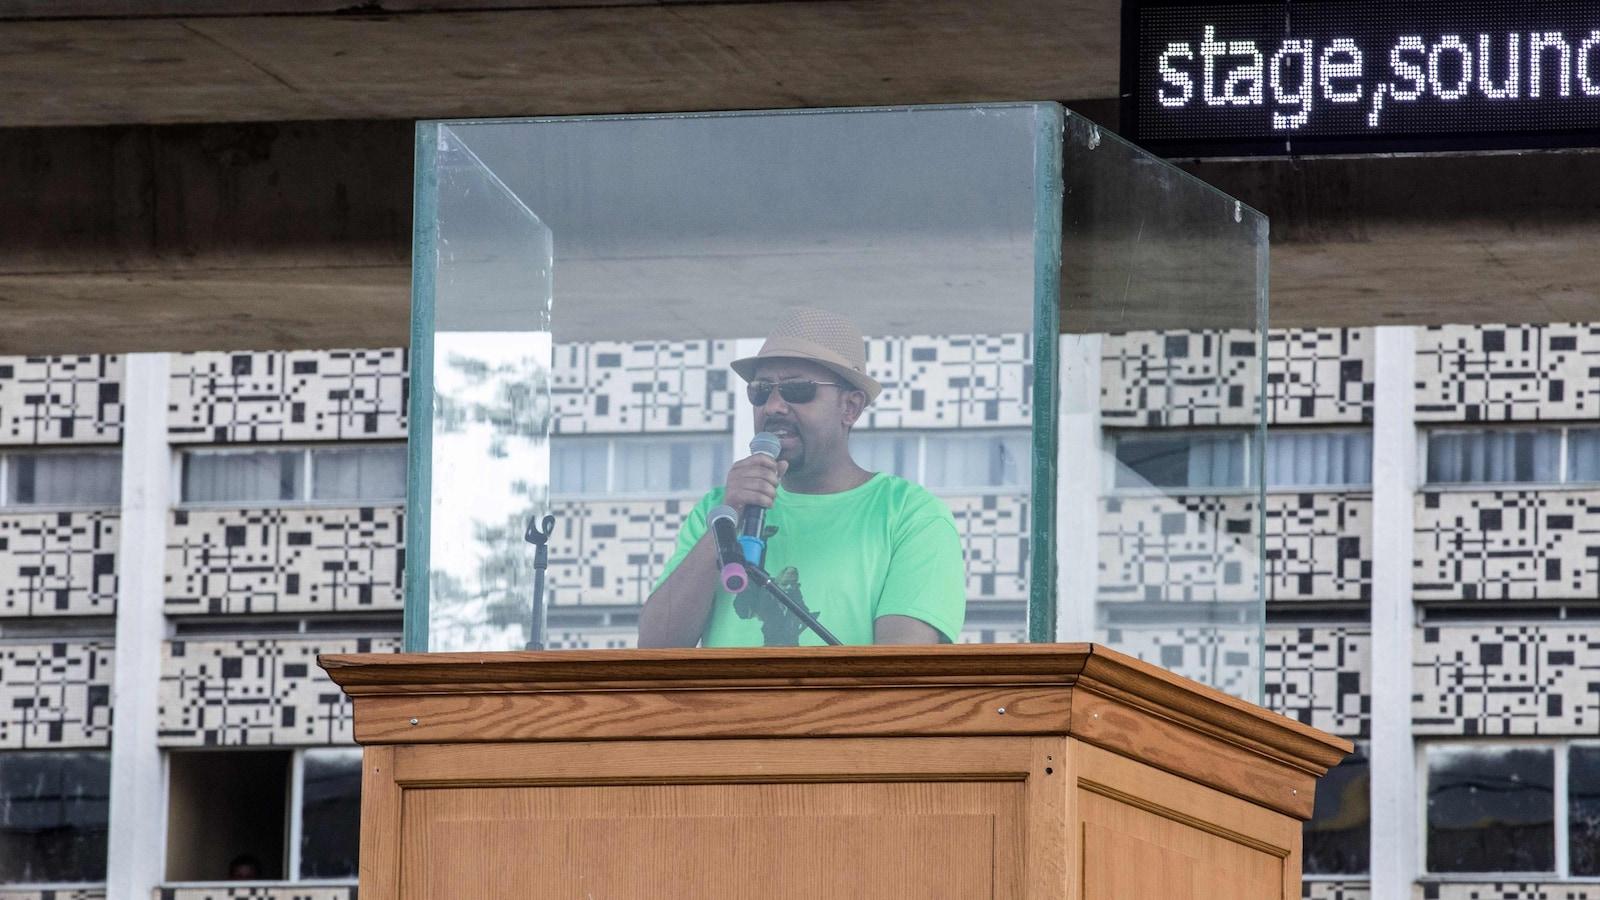 Abiy Ahmed est la première personne issue de l'ethnie Oromo à diriger l'Éthiopie. On le voit ici livrer un discours, samedi, peu avant l'attentat à la grenade qui le visait.